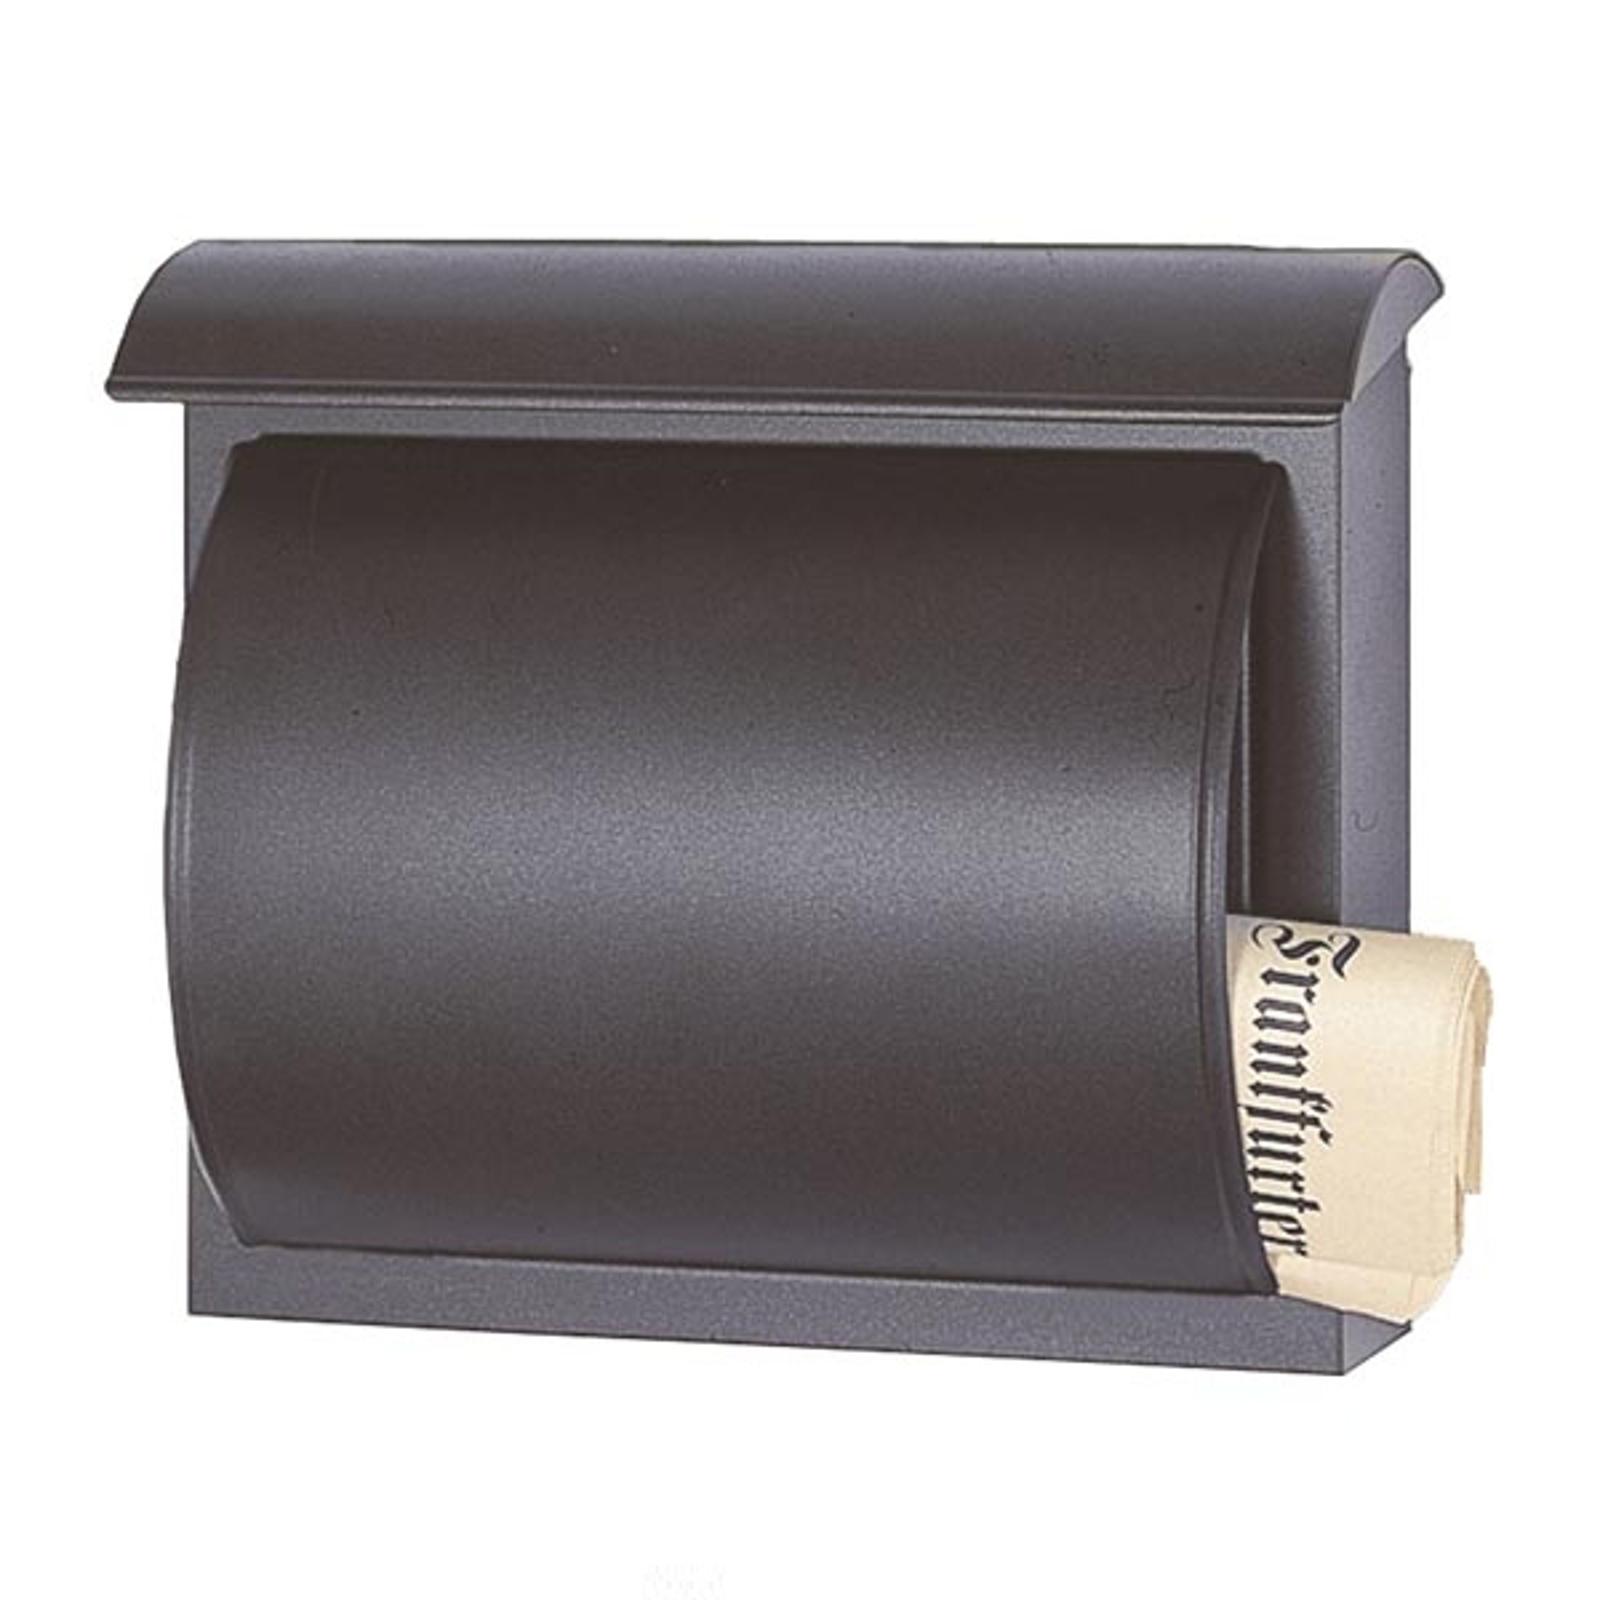 Produktové foto Heibi Poštovní schránka TORES černá